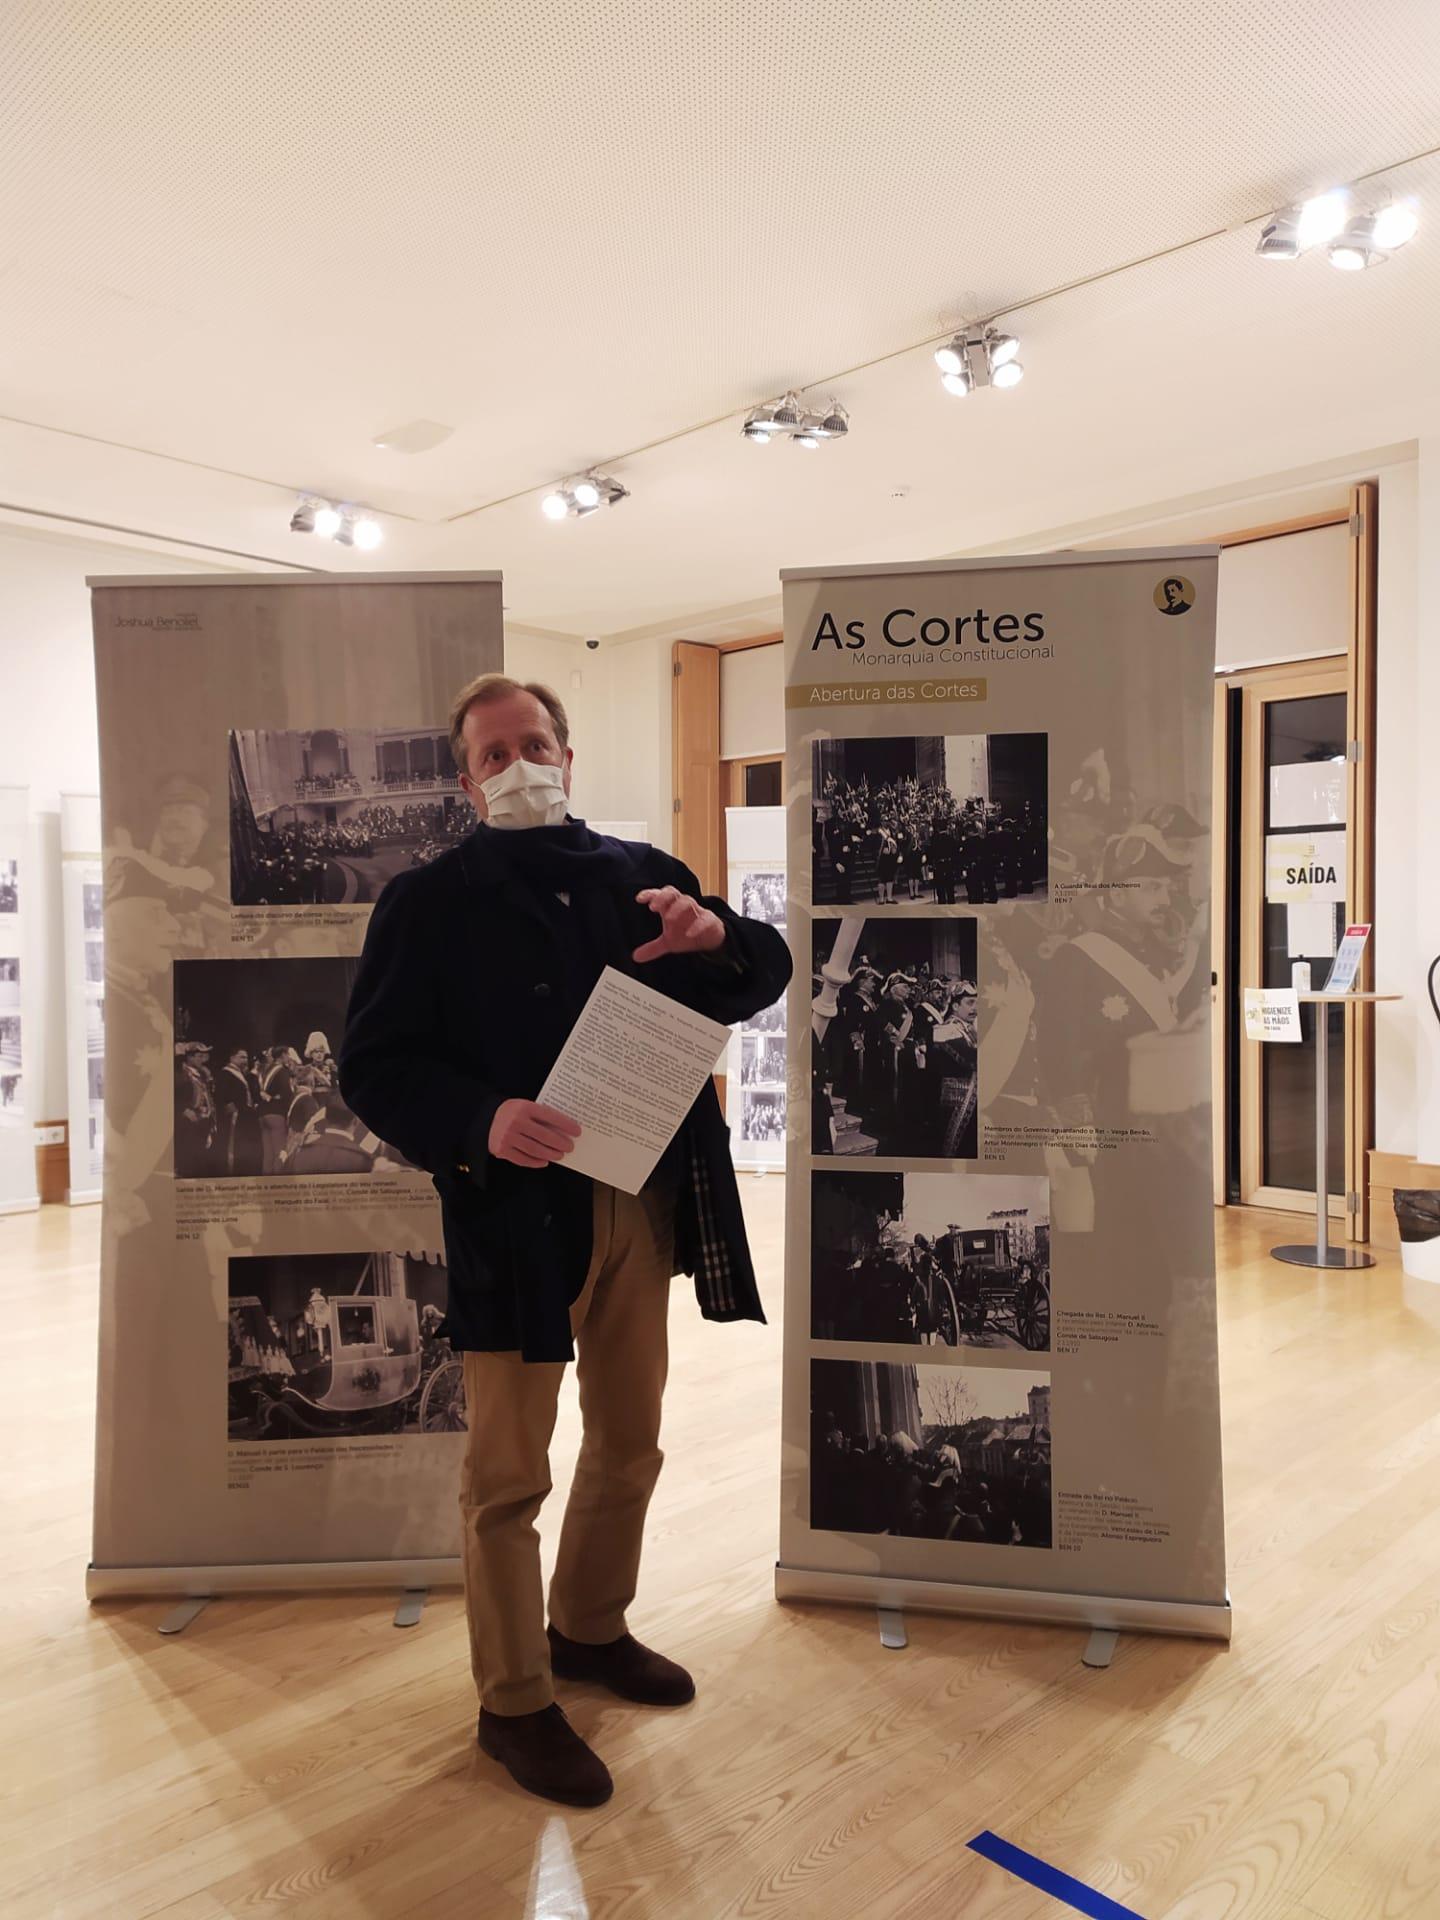 Biblioteca acolhe exposição fotográfica sobre a Monarquia e a República